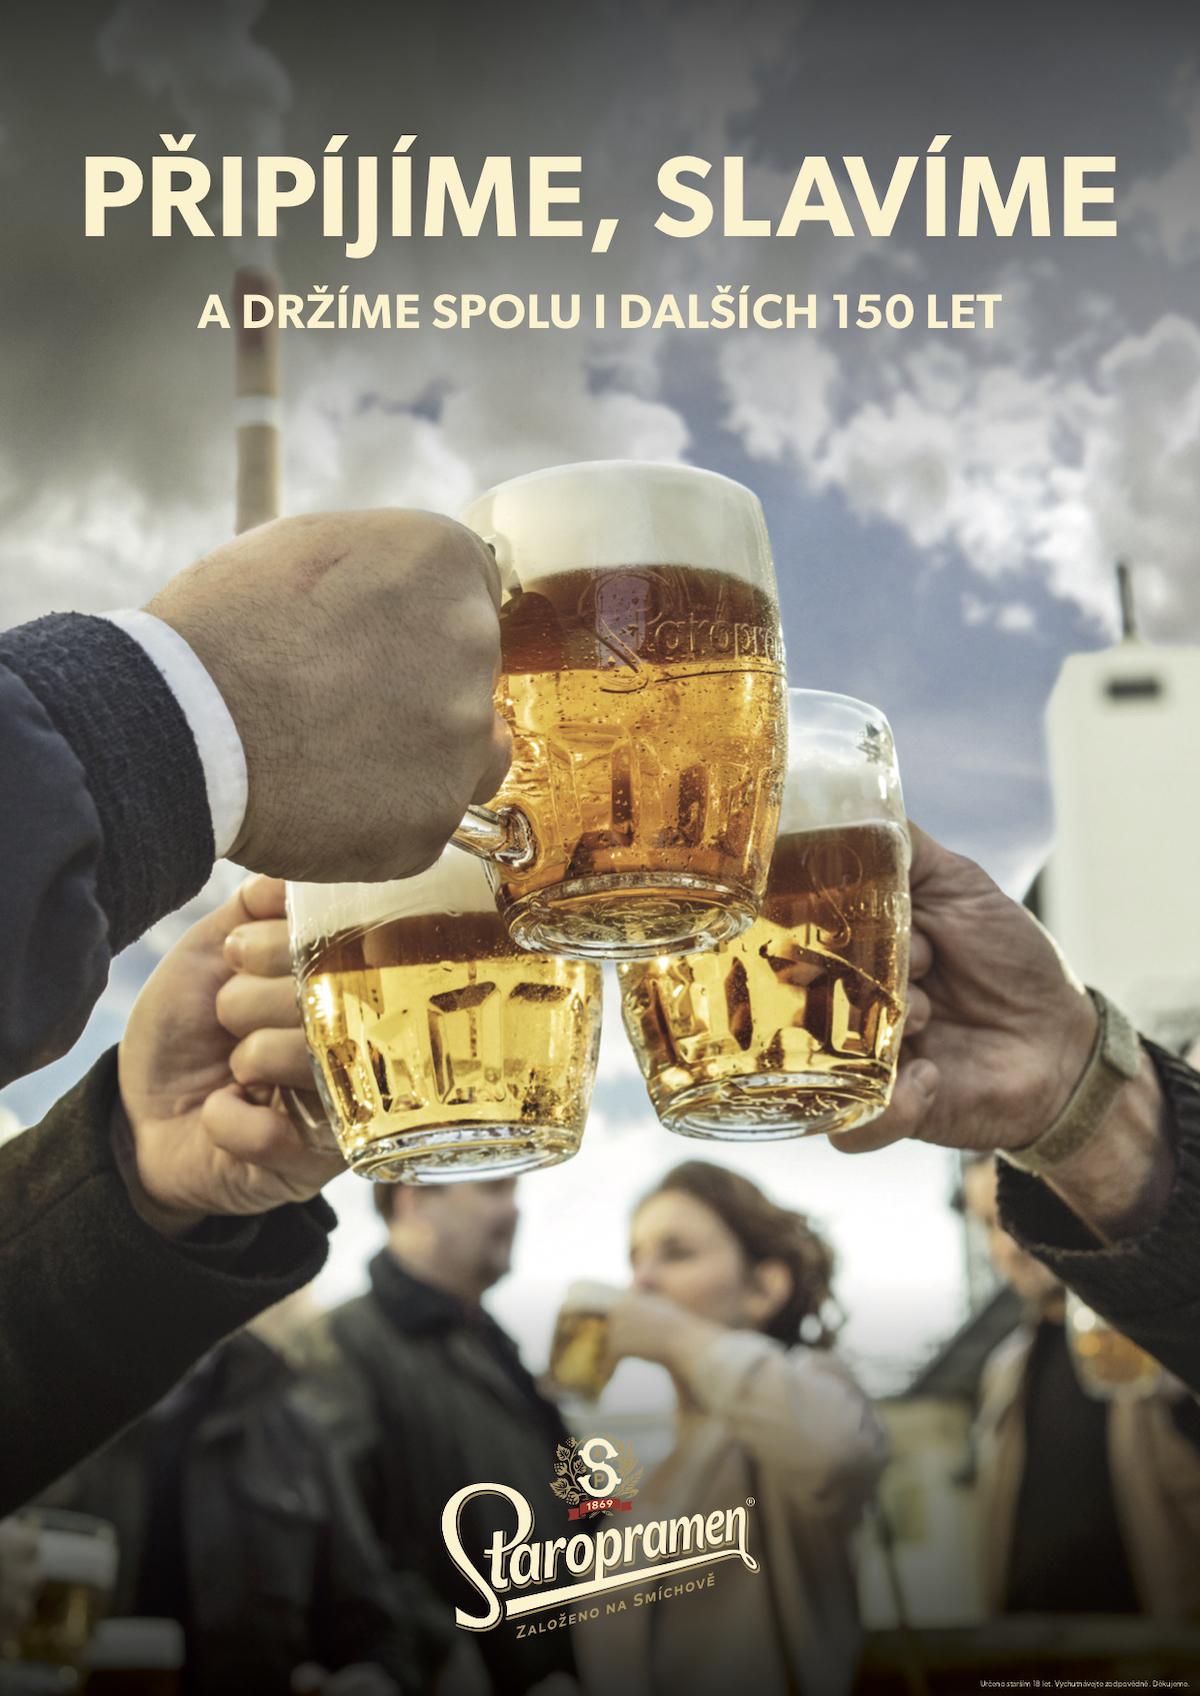 Hynek Čermák jako tvář Staropramenu připomíná 150 let pivovaru